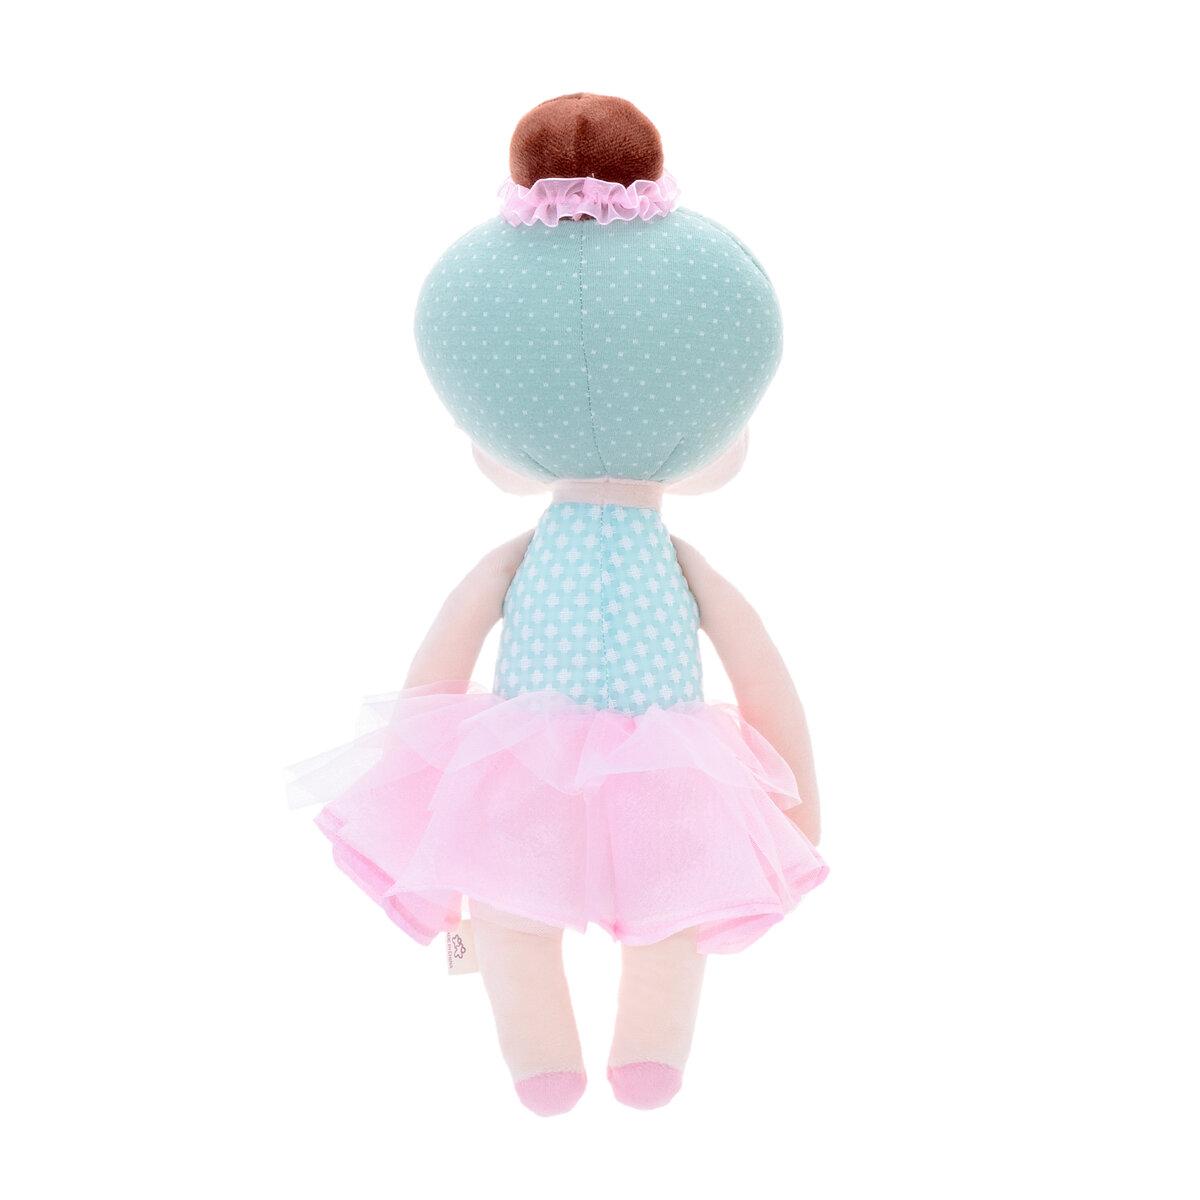 Boneca Metoo Angela Lai Ballet Rosa 33cm Original com Sacola